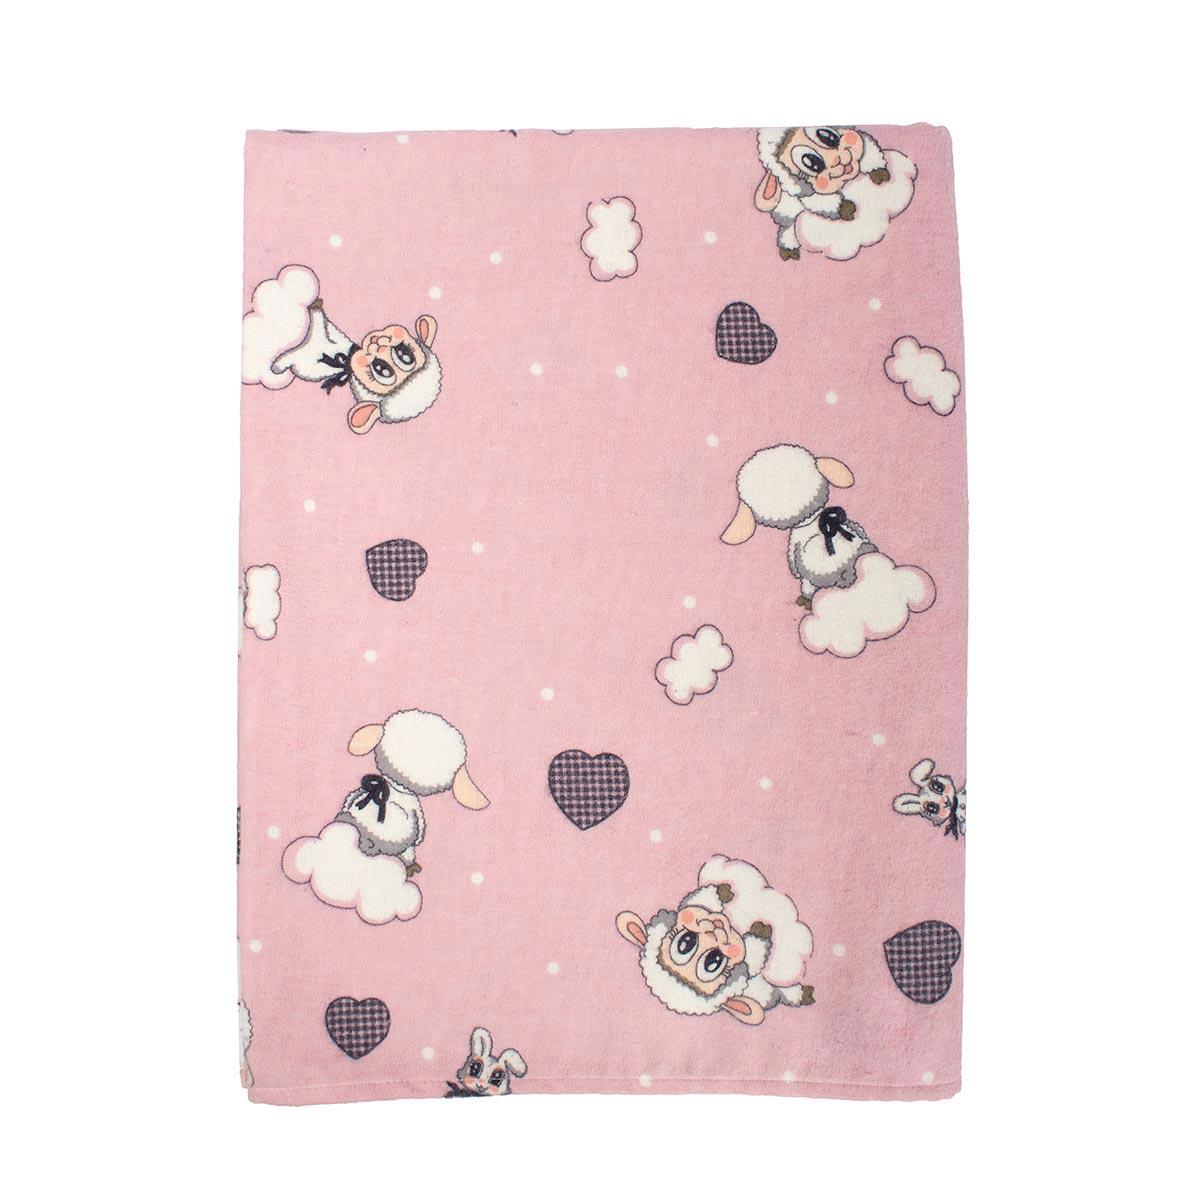 Φανελένιο Πάπλωμα Κούνιας Dimcol Προβατάκι 05 Pink